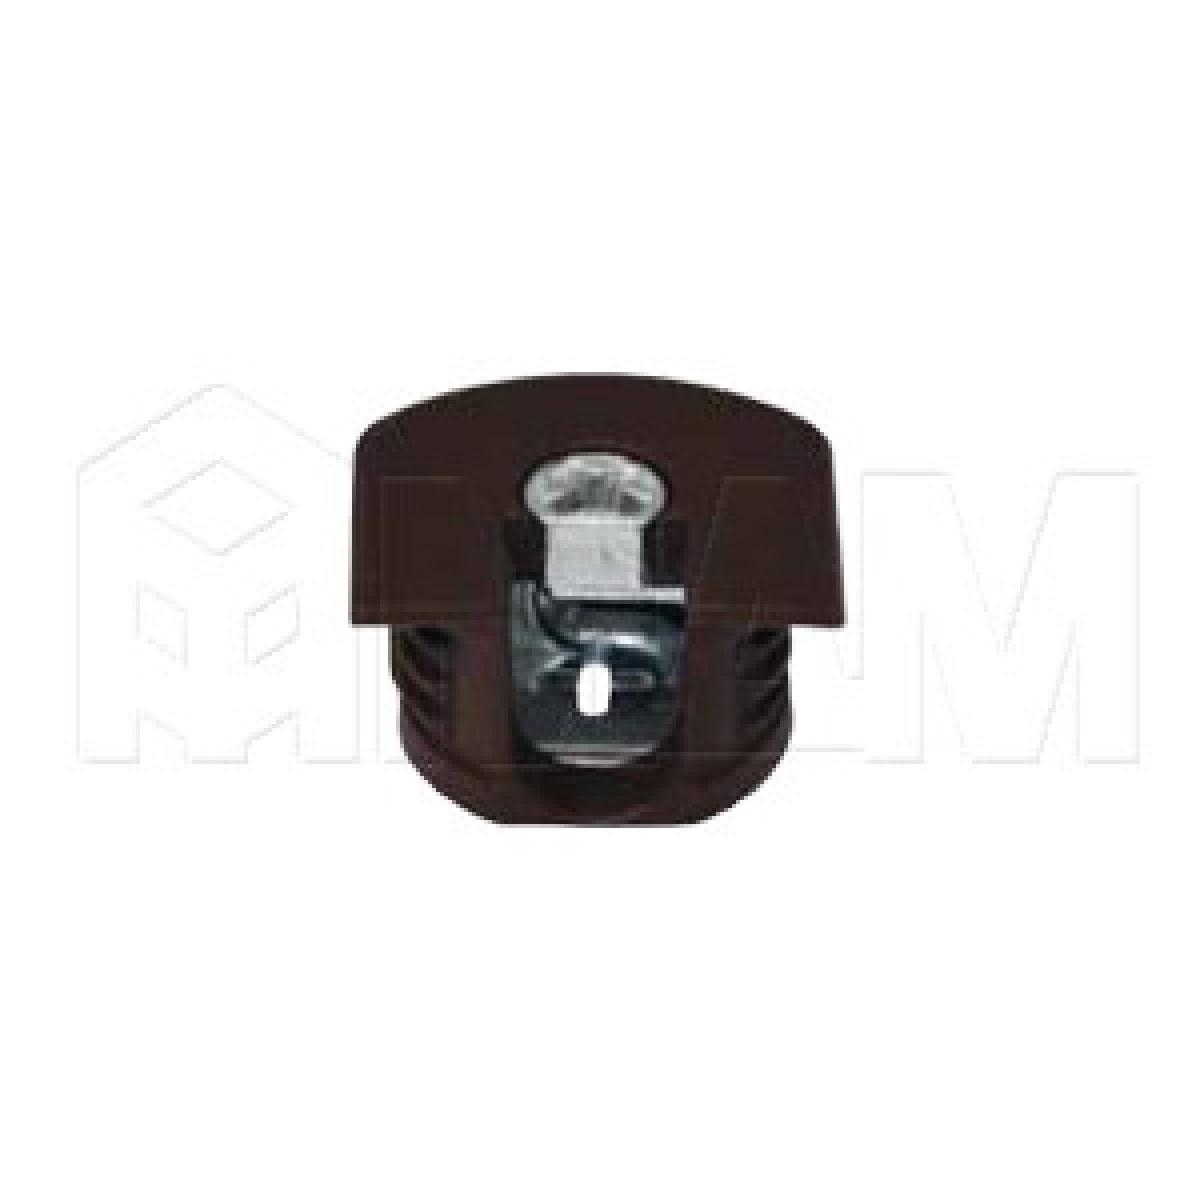 Эксцентрик усиленный в пластиковом корпусе 16 мм, коричневый